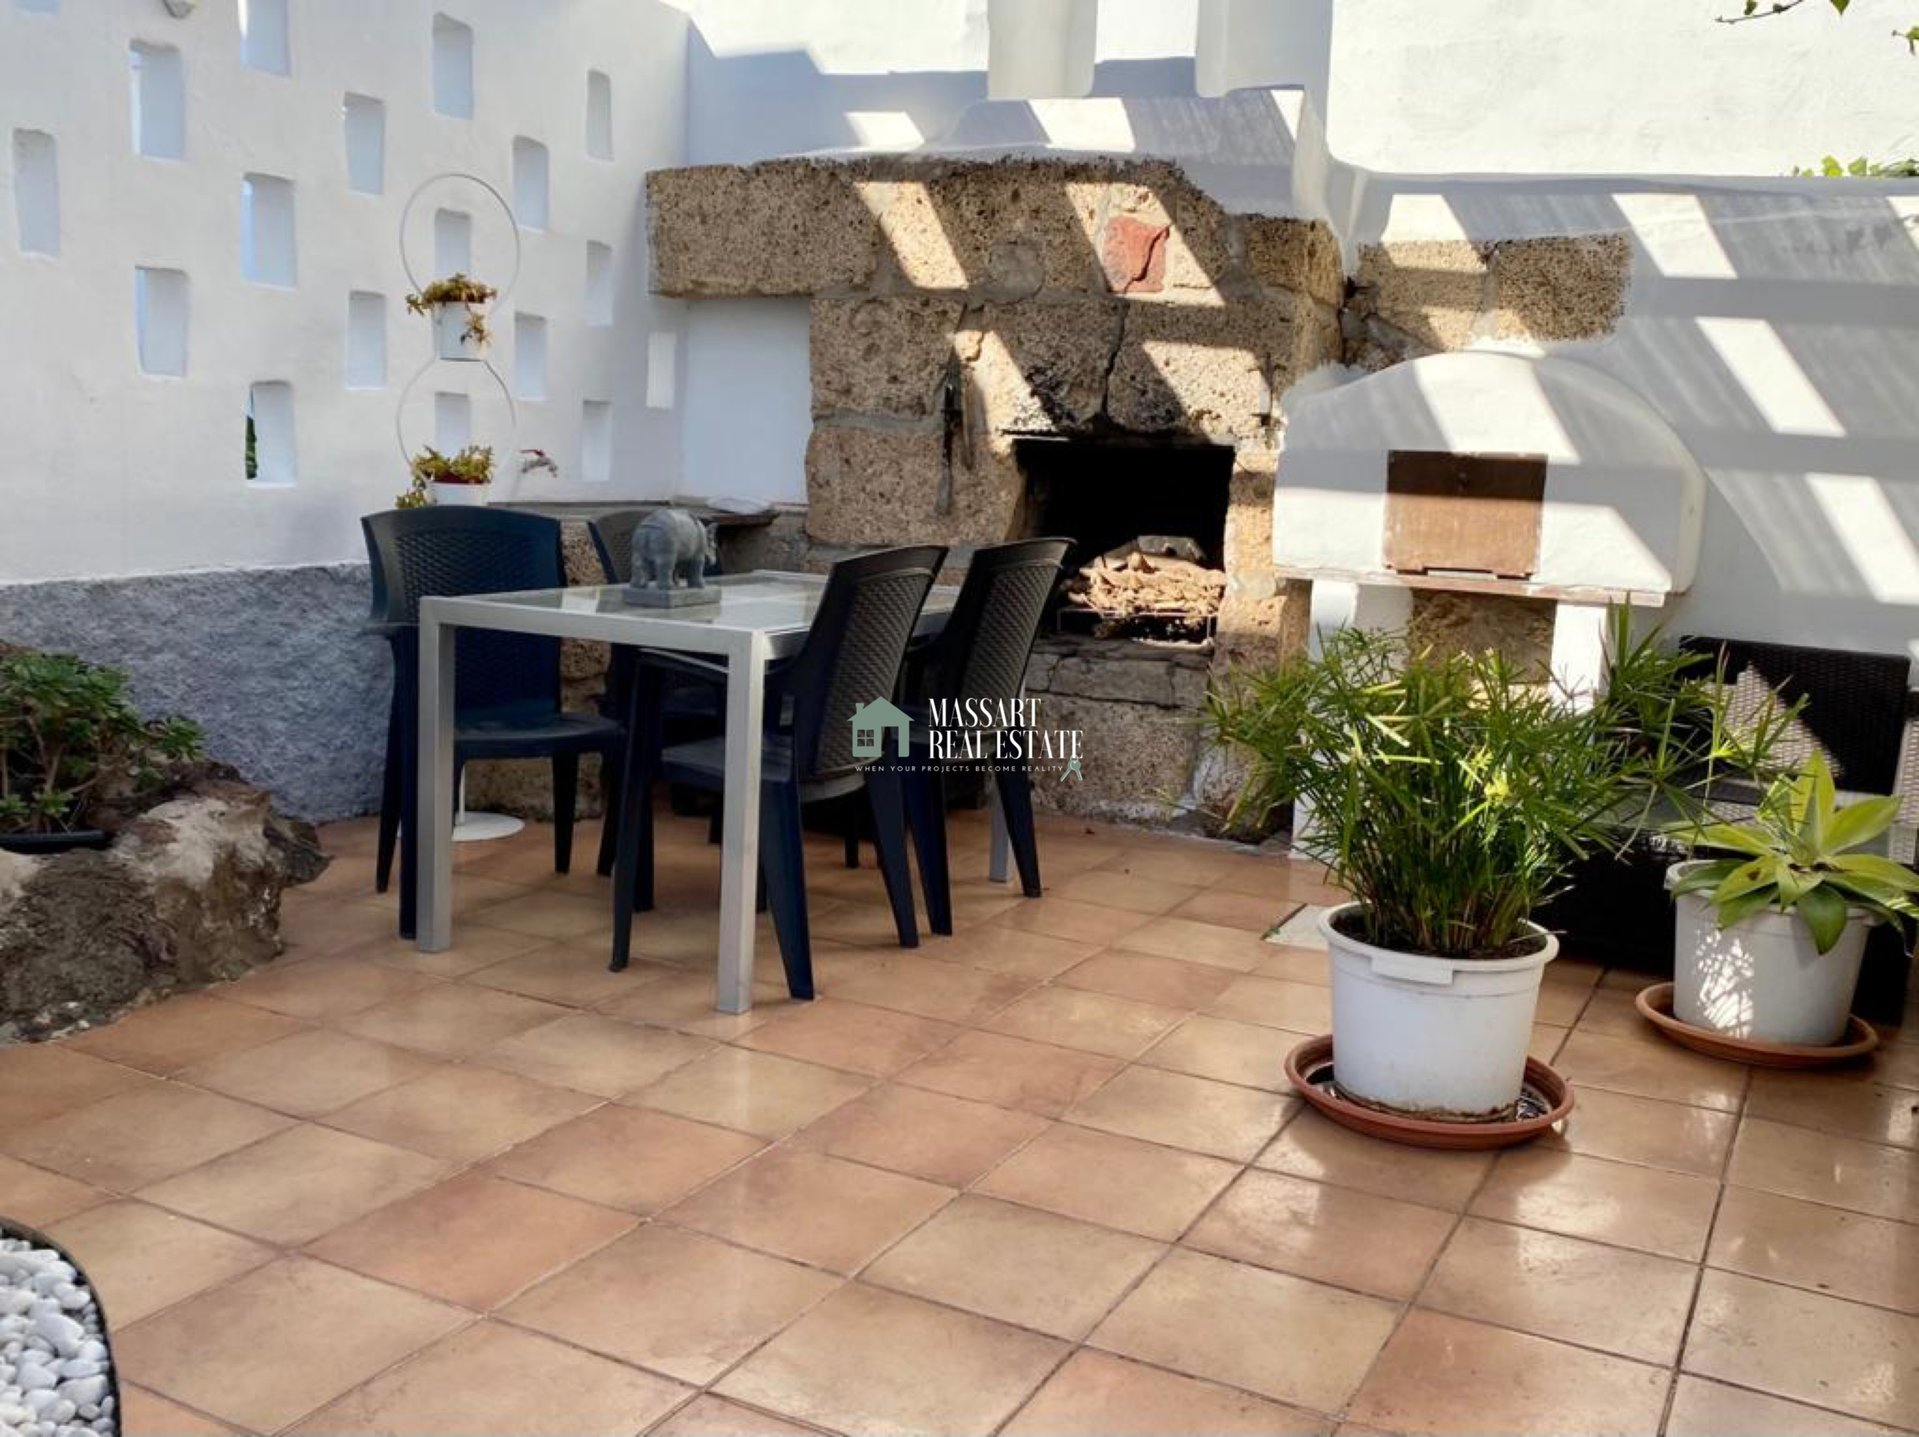 Te huur in een centrale en rustige buurt van Cabo Blanco, vrijstaande villa van ongeveer 100 m2 in zeer goede staat en modern ingericht.